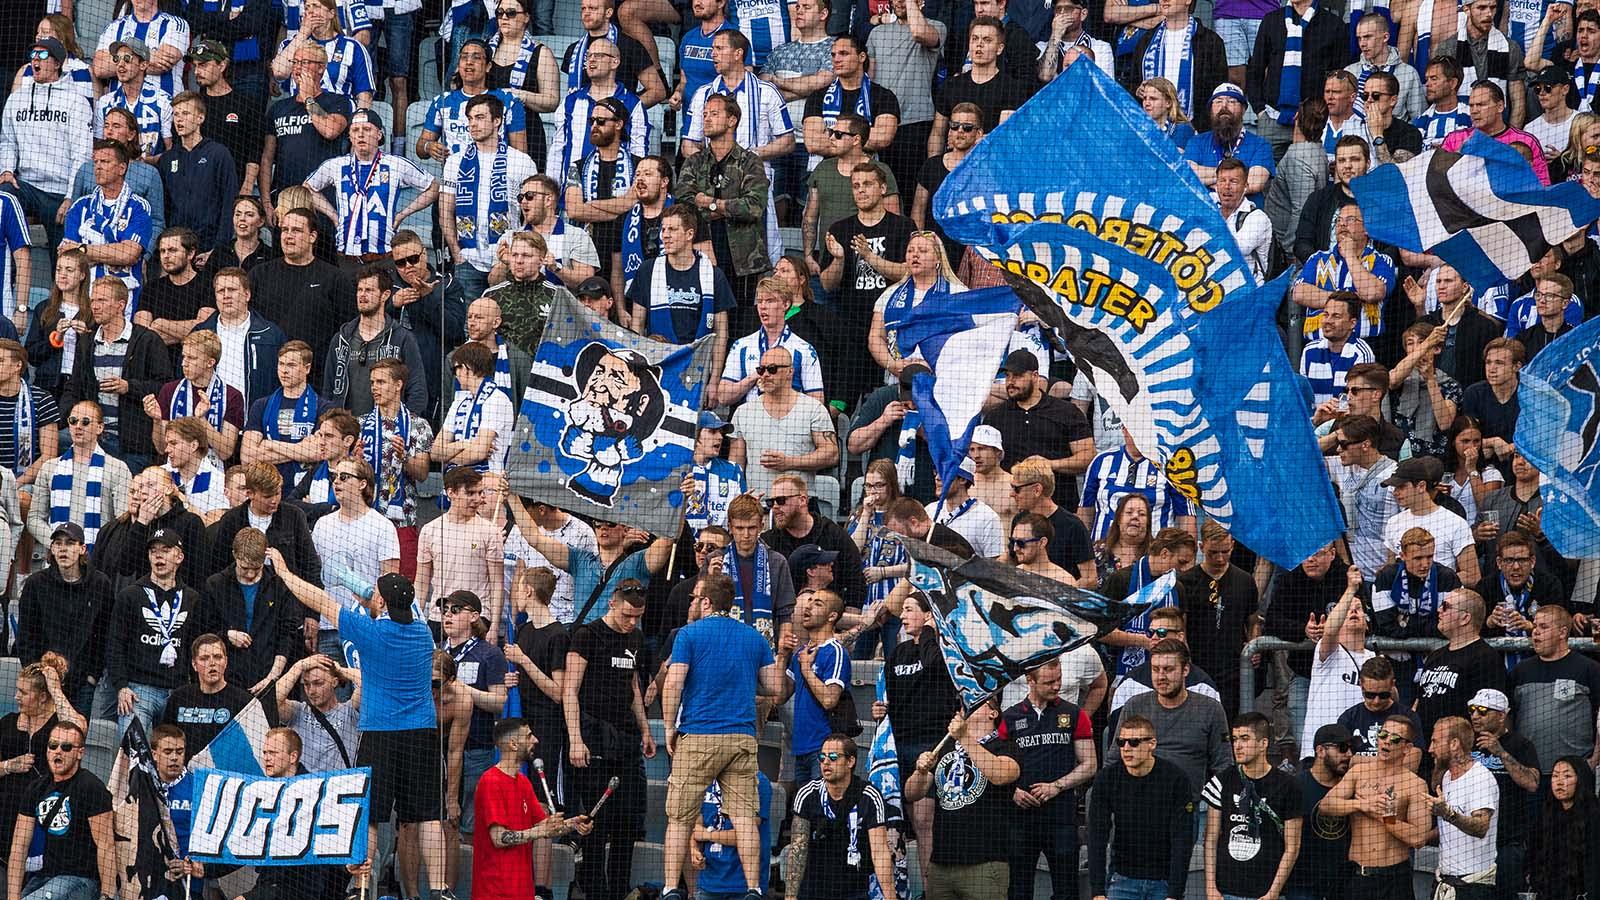 180507 IFK Göteborgs supportrar inför fotbollsmatchen i Allsvenskan mellan Malmö FF och IFK Göteborg 7 maj 2018 i Malmö. Foto: Ludvig Thunman / BILDBYRÅN / kod LT / 35478